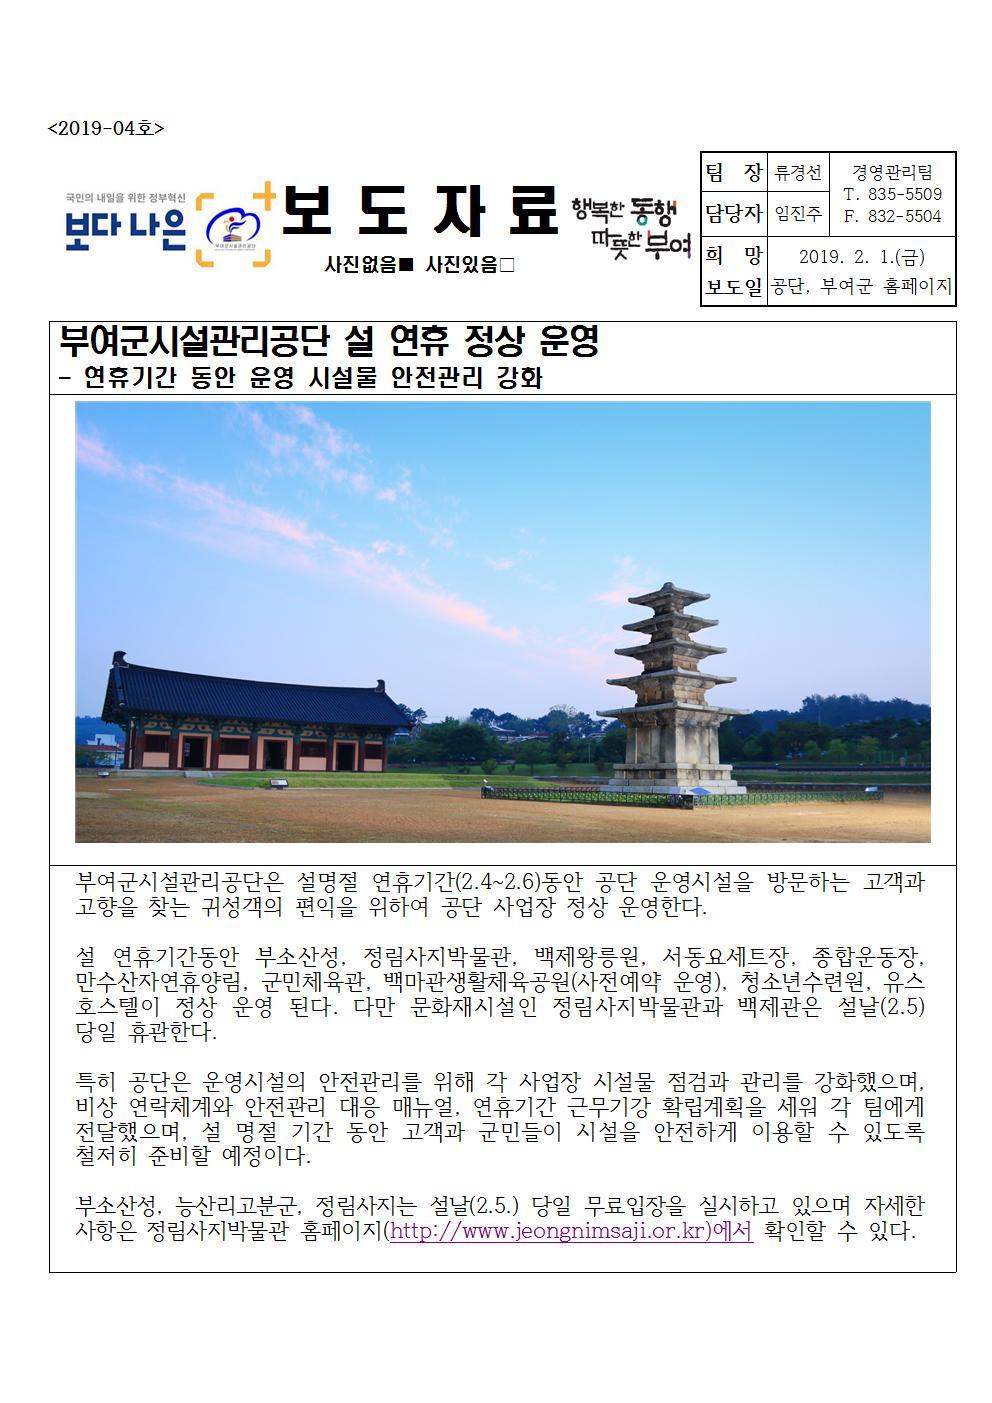 2019-04(경영관리팀-설명절정상운영)001.jpg